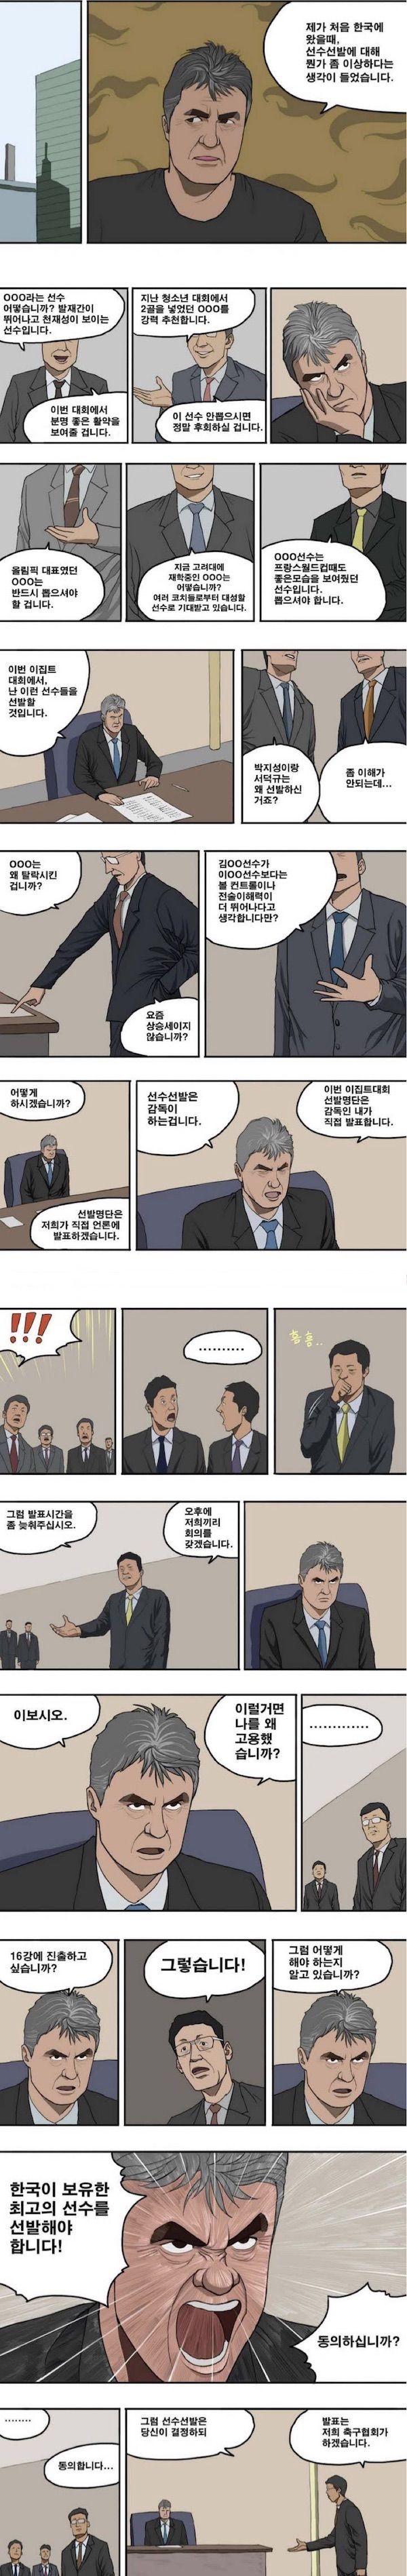 한국이 2002년에 월드컵 4강 간 이유